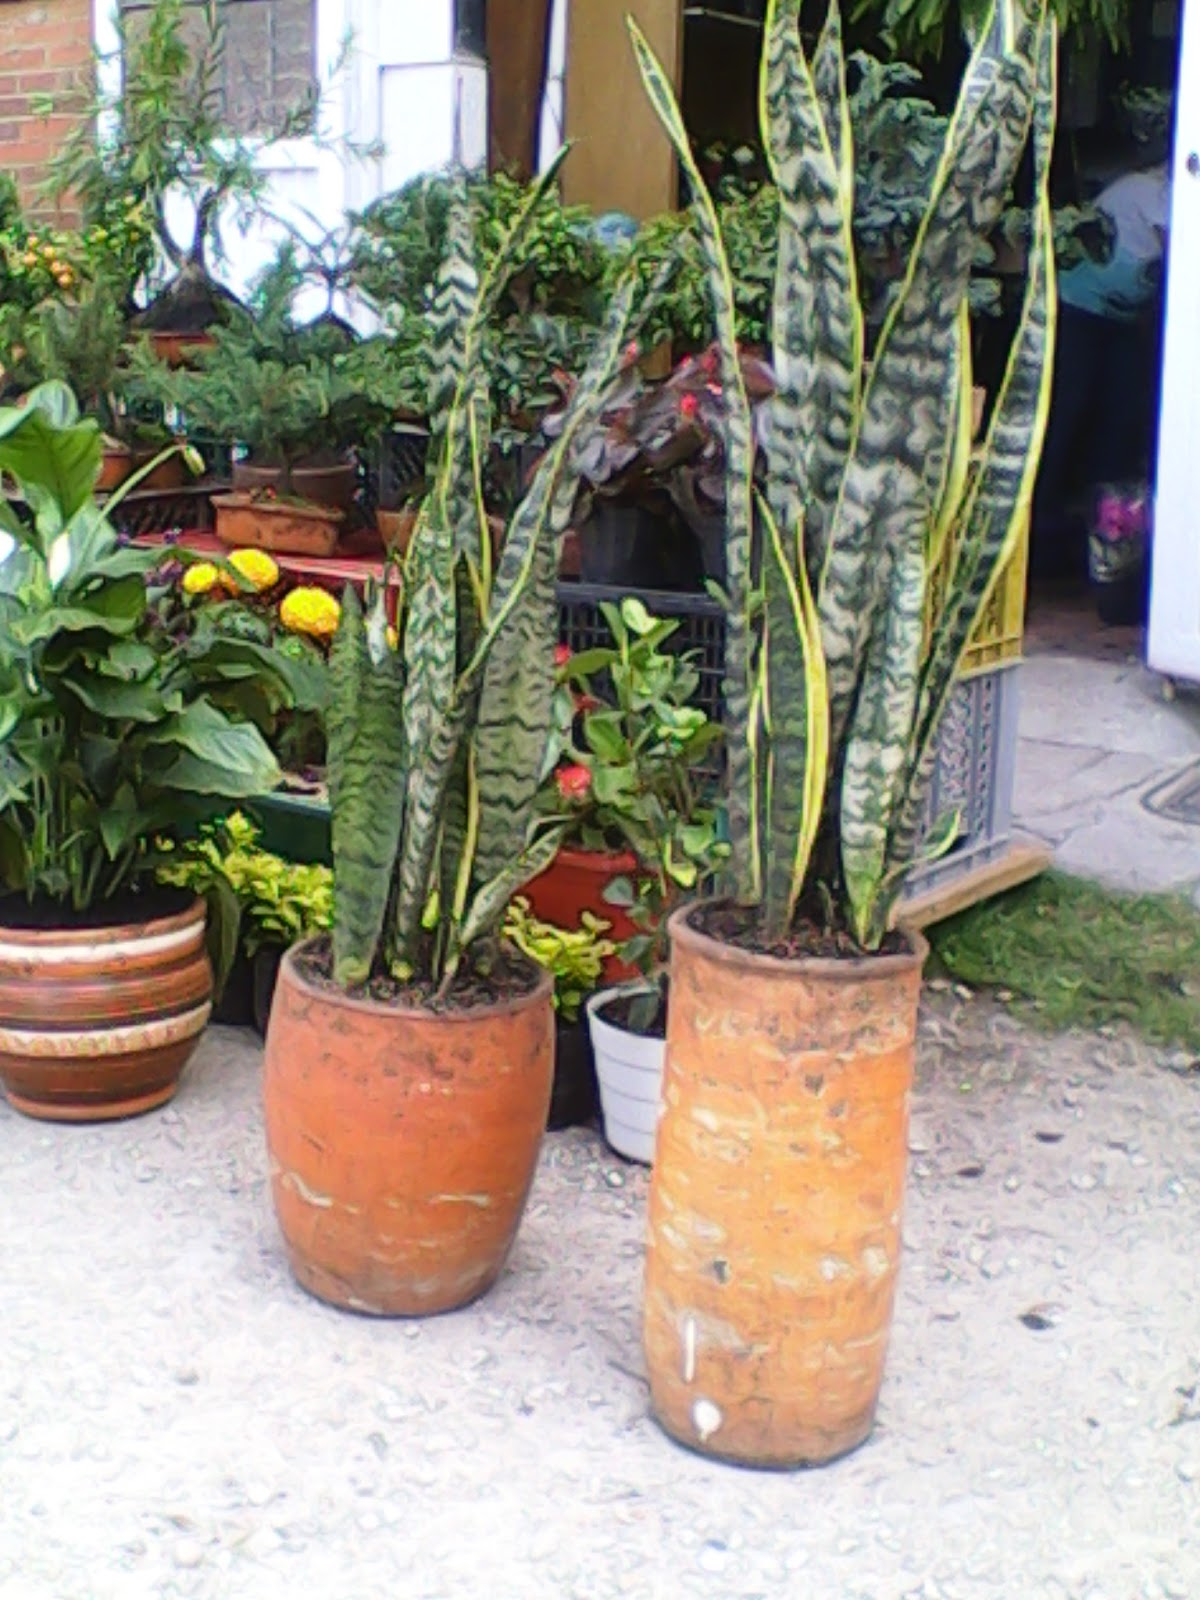 Mi xito vivero mi exito vivero plantas ornamentales for Concepto de plantas ornamentales